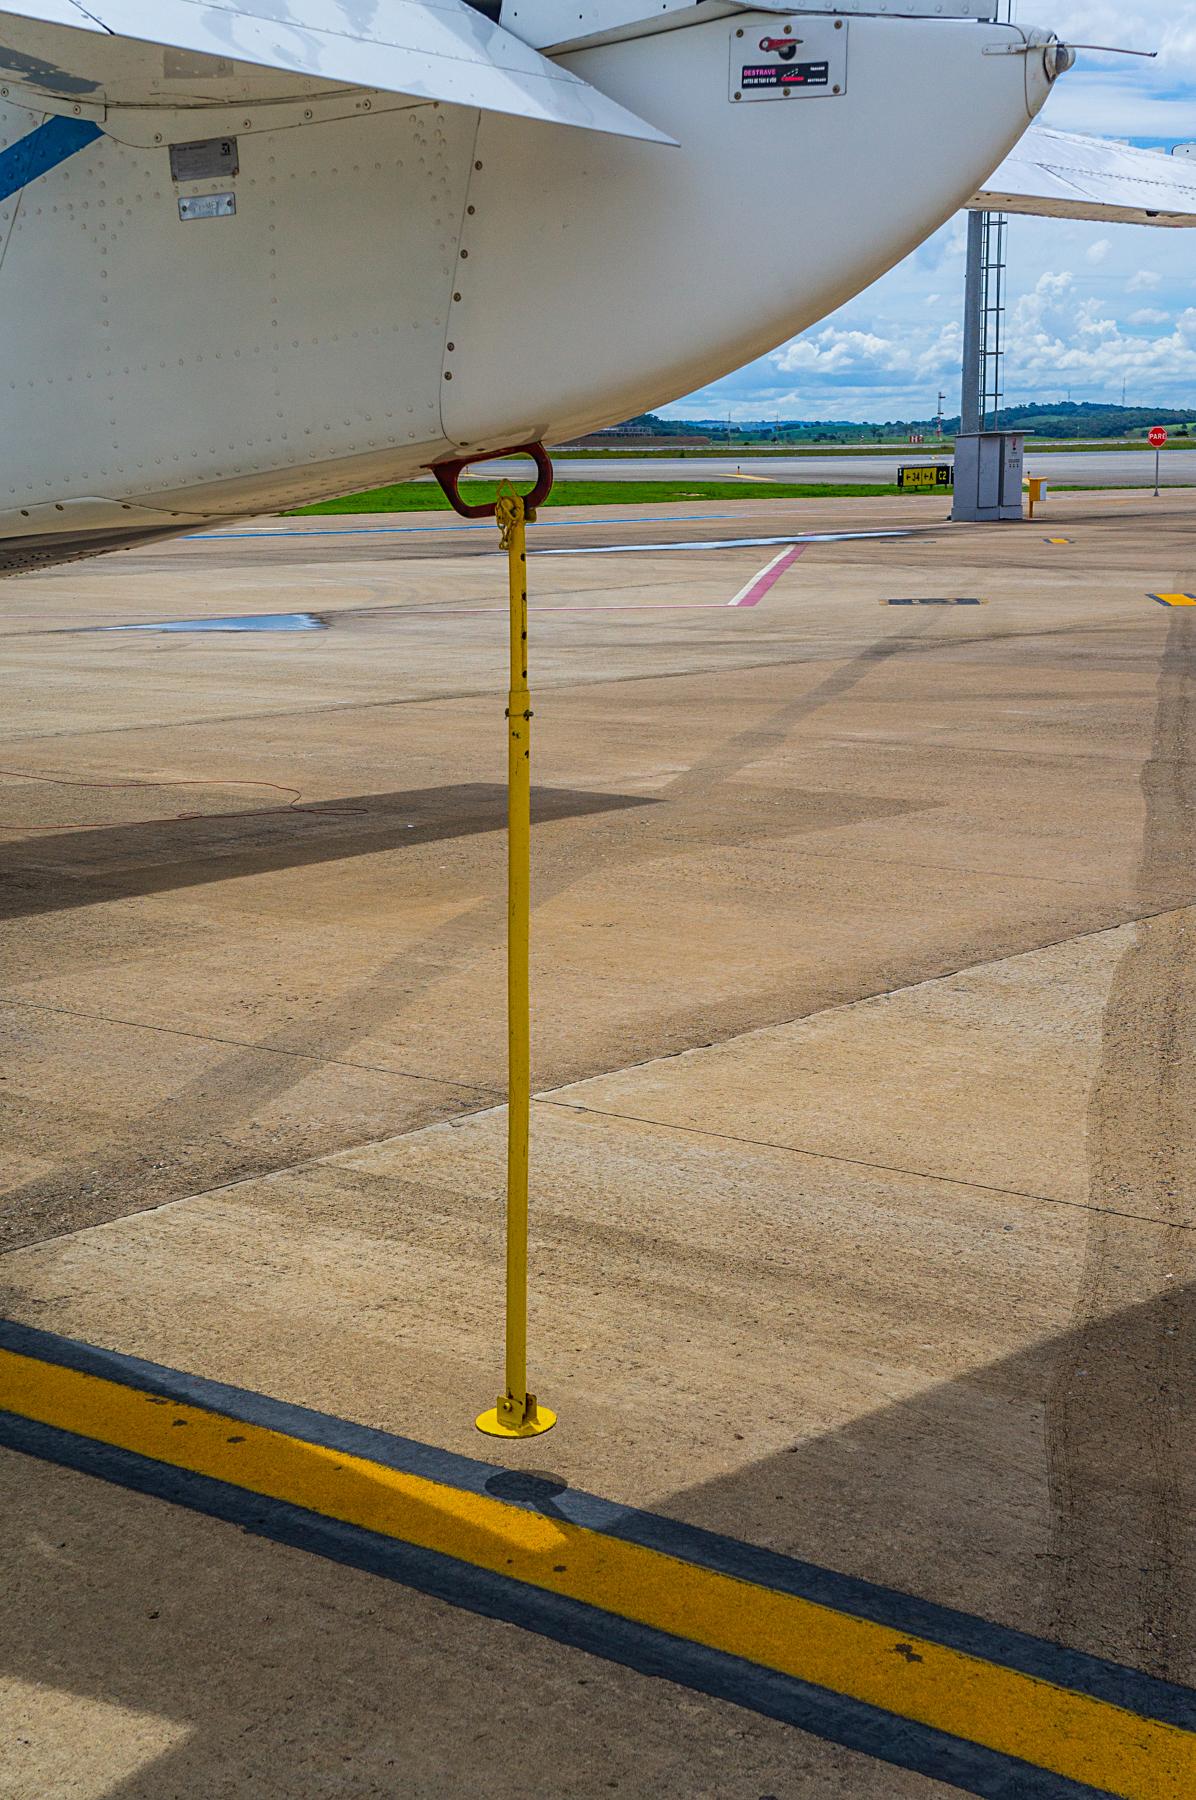 Como a maior parte das bagagens fica atrás, essa haste amarela evita que a cauda bata no chão caso o carregamento seja mal feito.